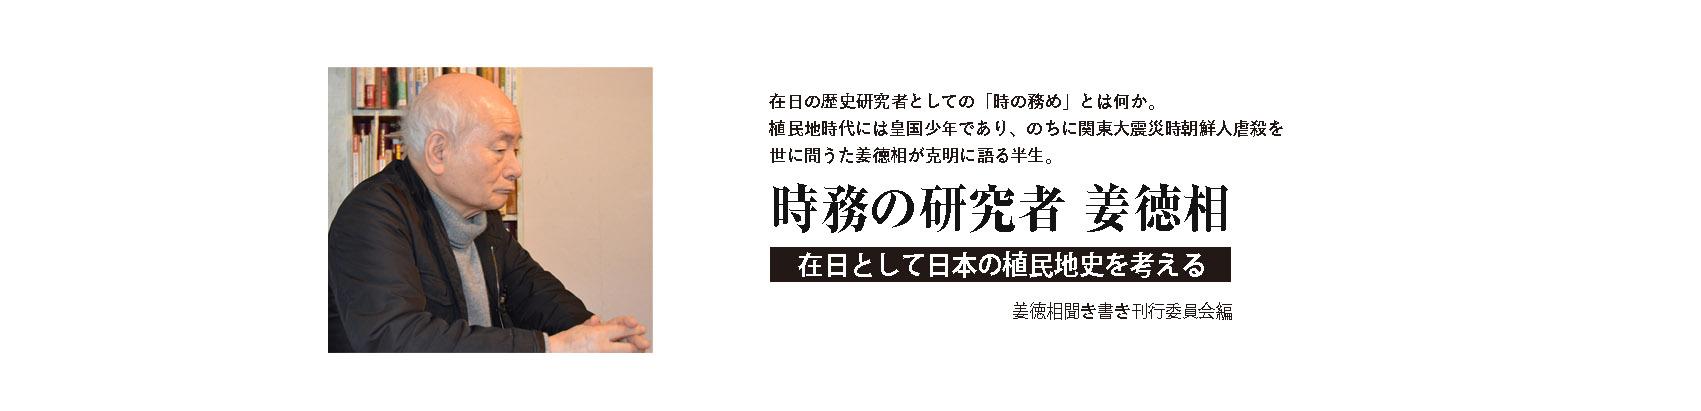 <近刊>時務の研究者 姜徳相